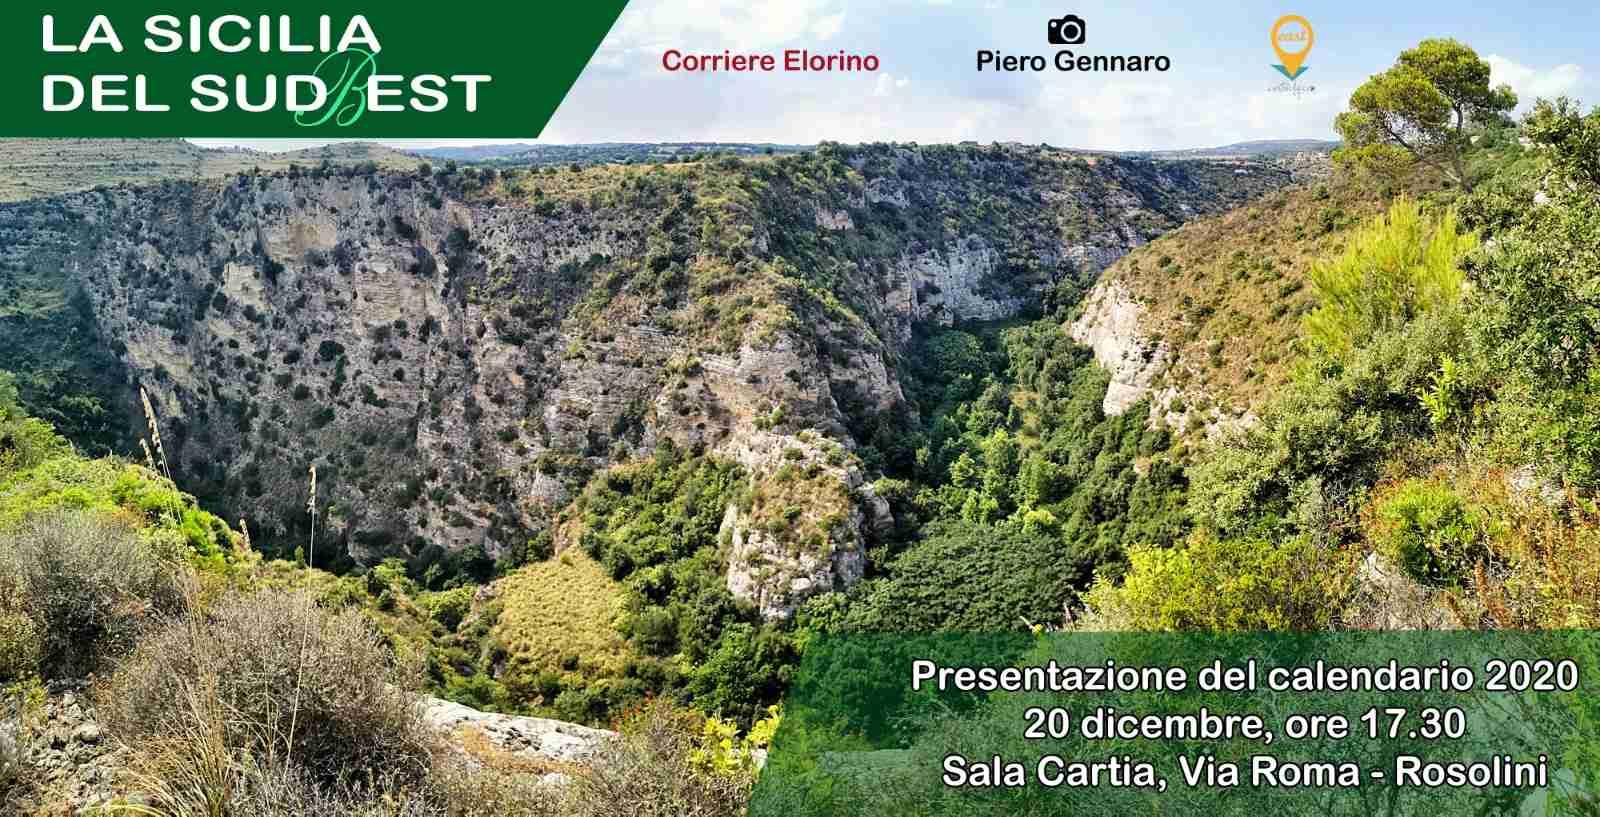 La Sicilia del Sud BEst, questo pomeriggio si presenta il calendario 2020